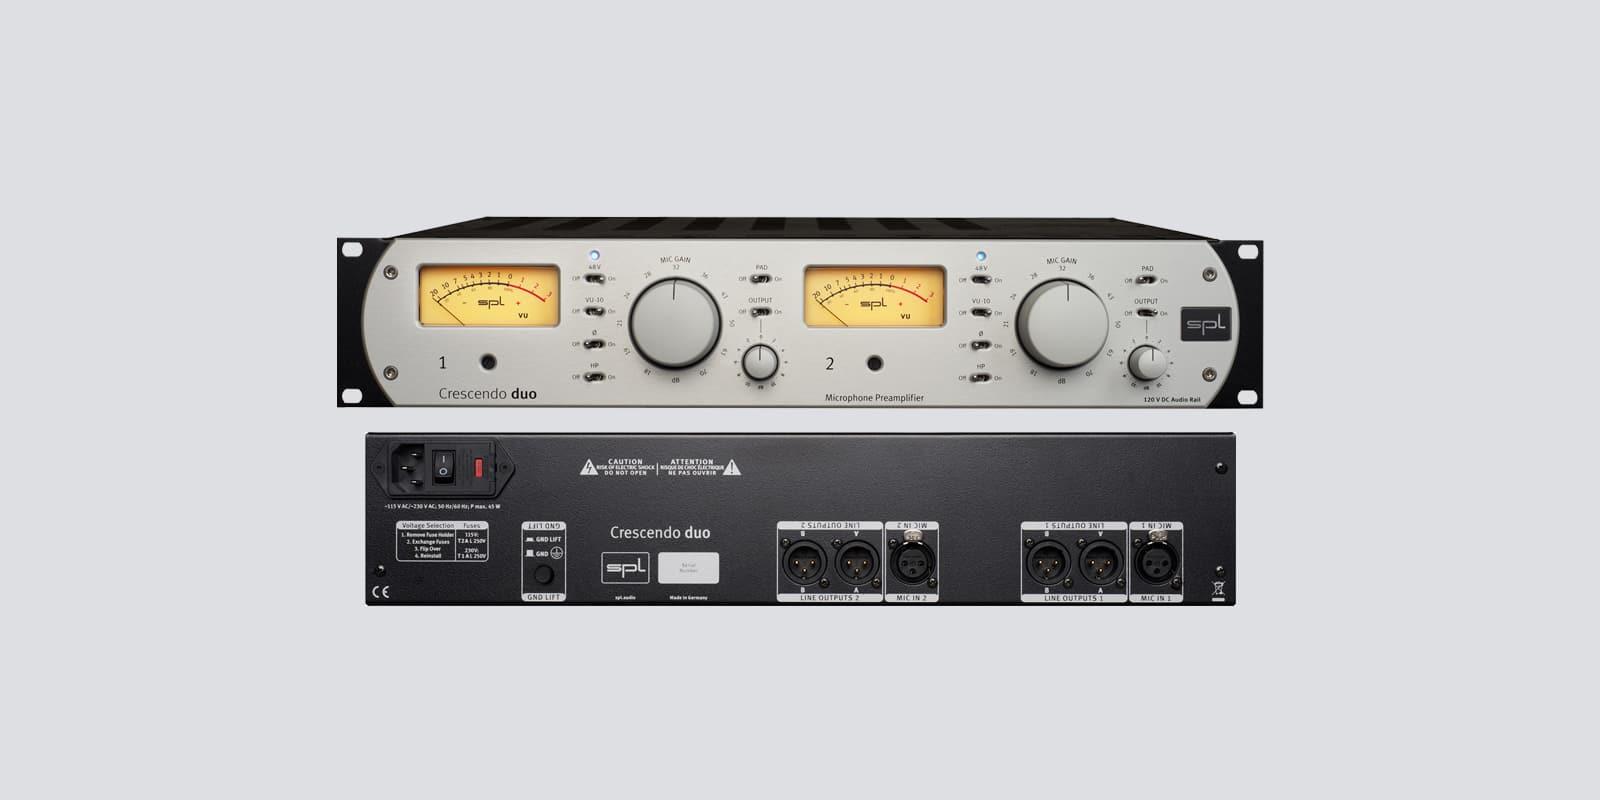 SPL Crescendo duo 2-Channel Microphone Preamplifier